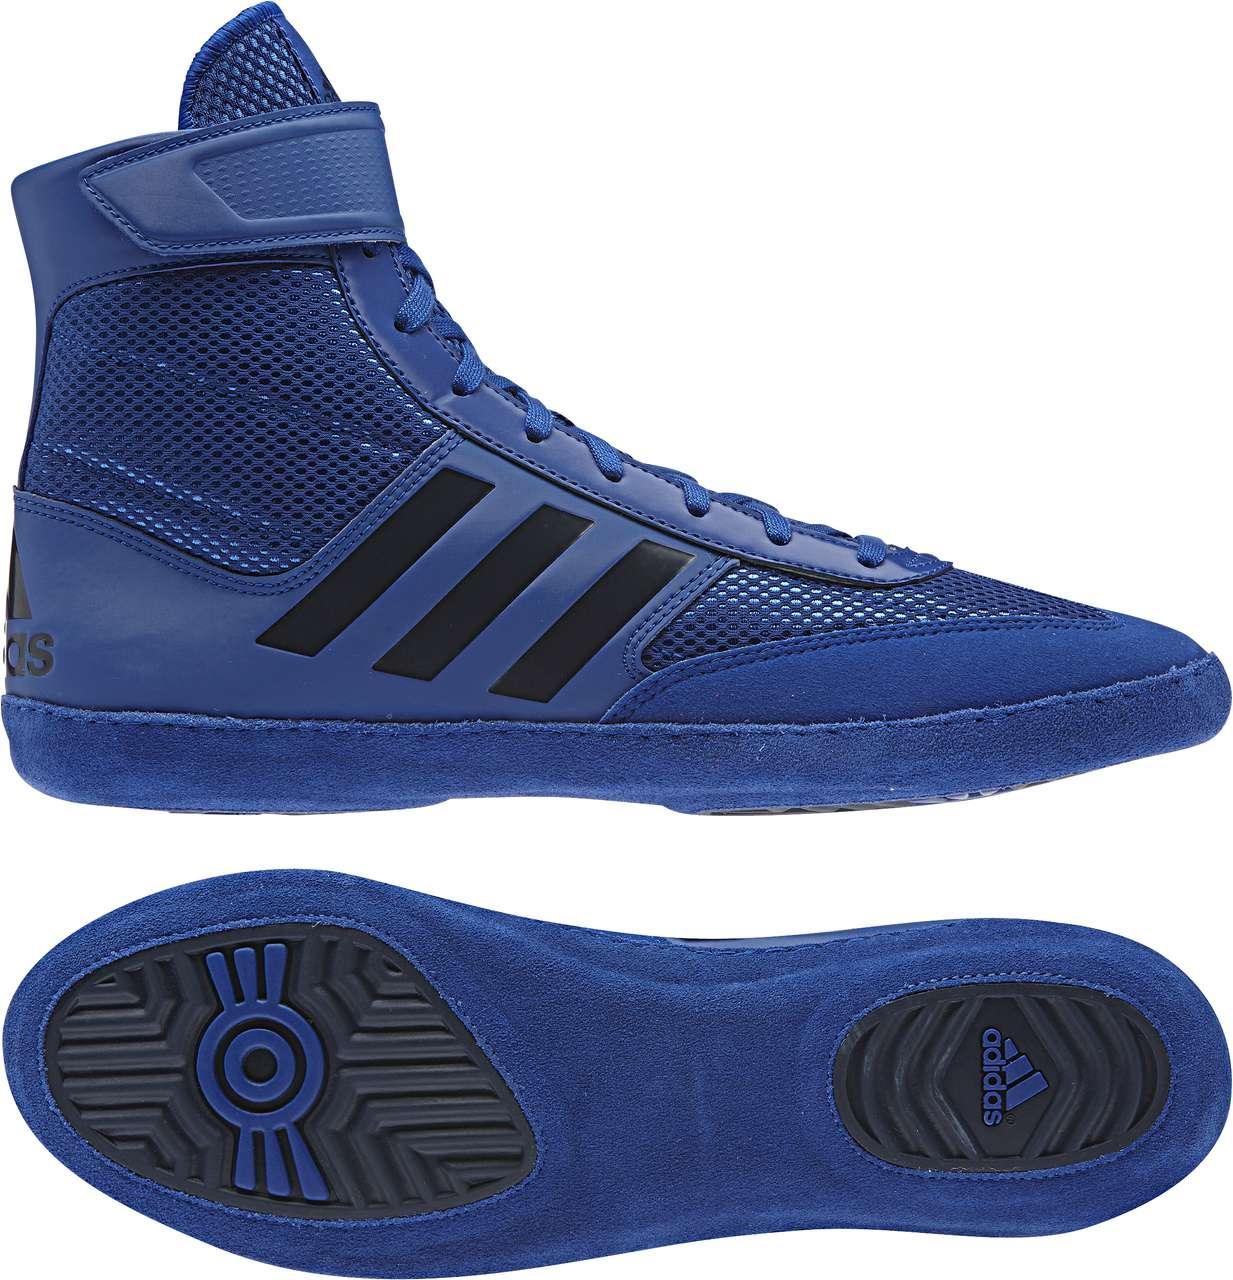 adidas Schuhe schwarz Ringerstiefel Combat Speed V